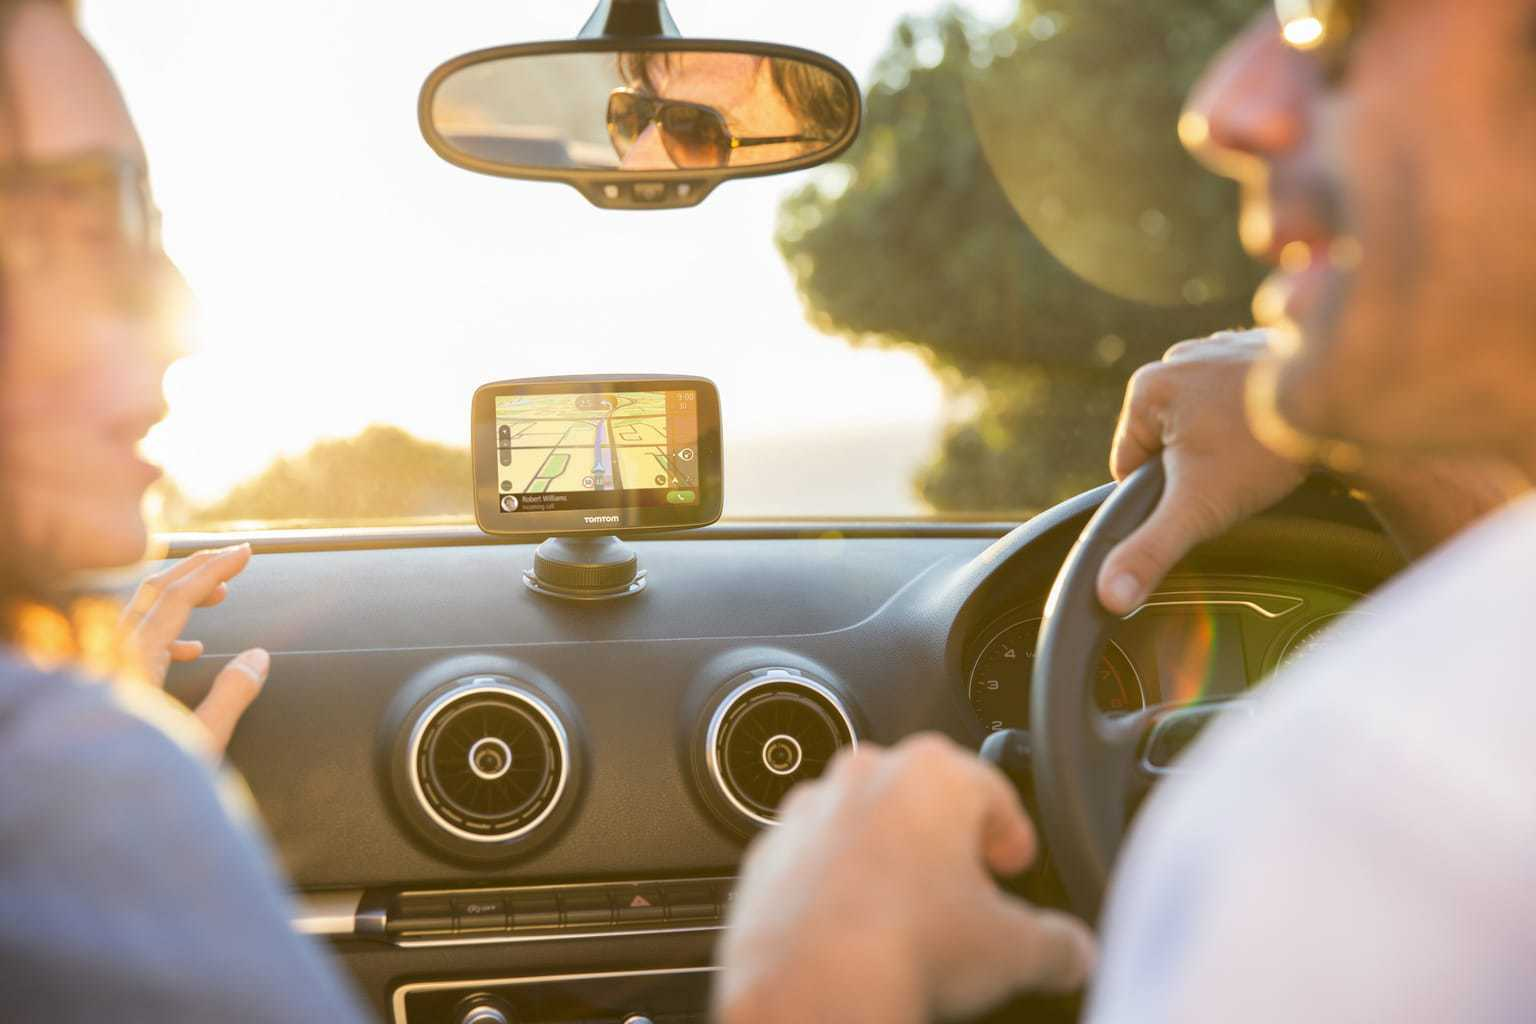 Review: TomTom GO 5200 Sat Nav www.minitravellers.co.uk